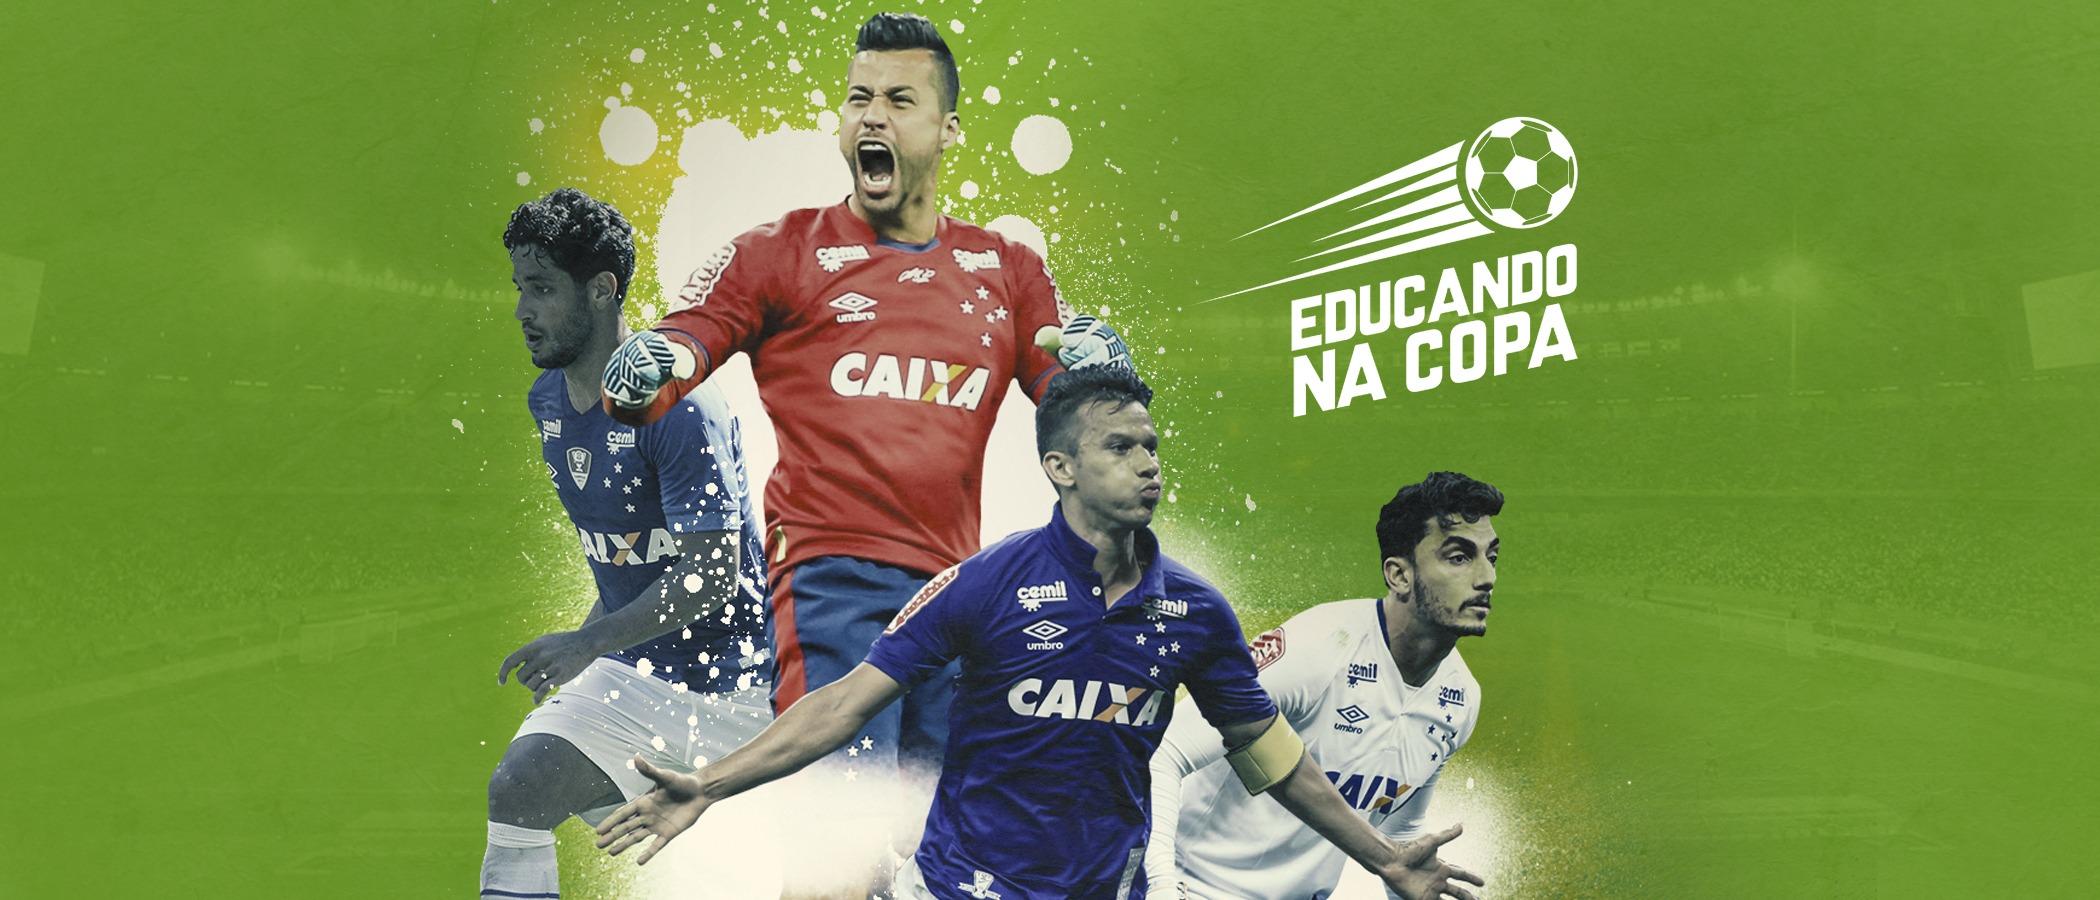 Projeto Educando na Copa